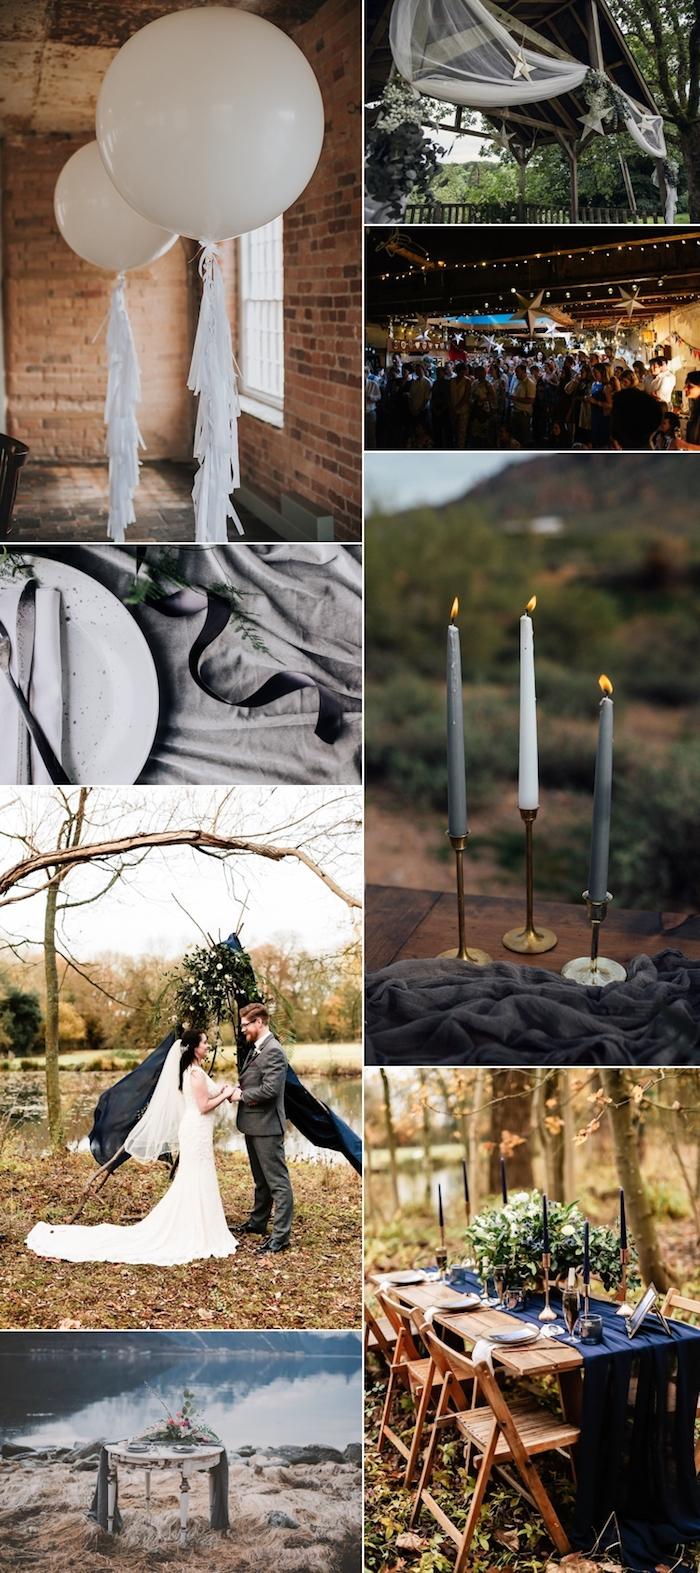 Porte menu mariage centre de table mariage assiettes à choisir cool idée déco idées mariage